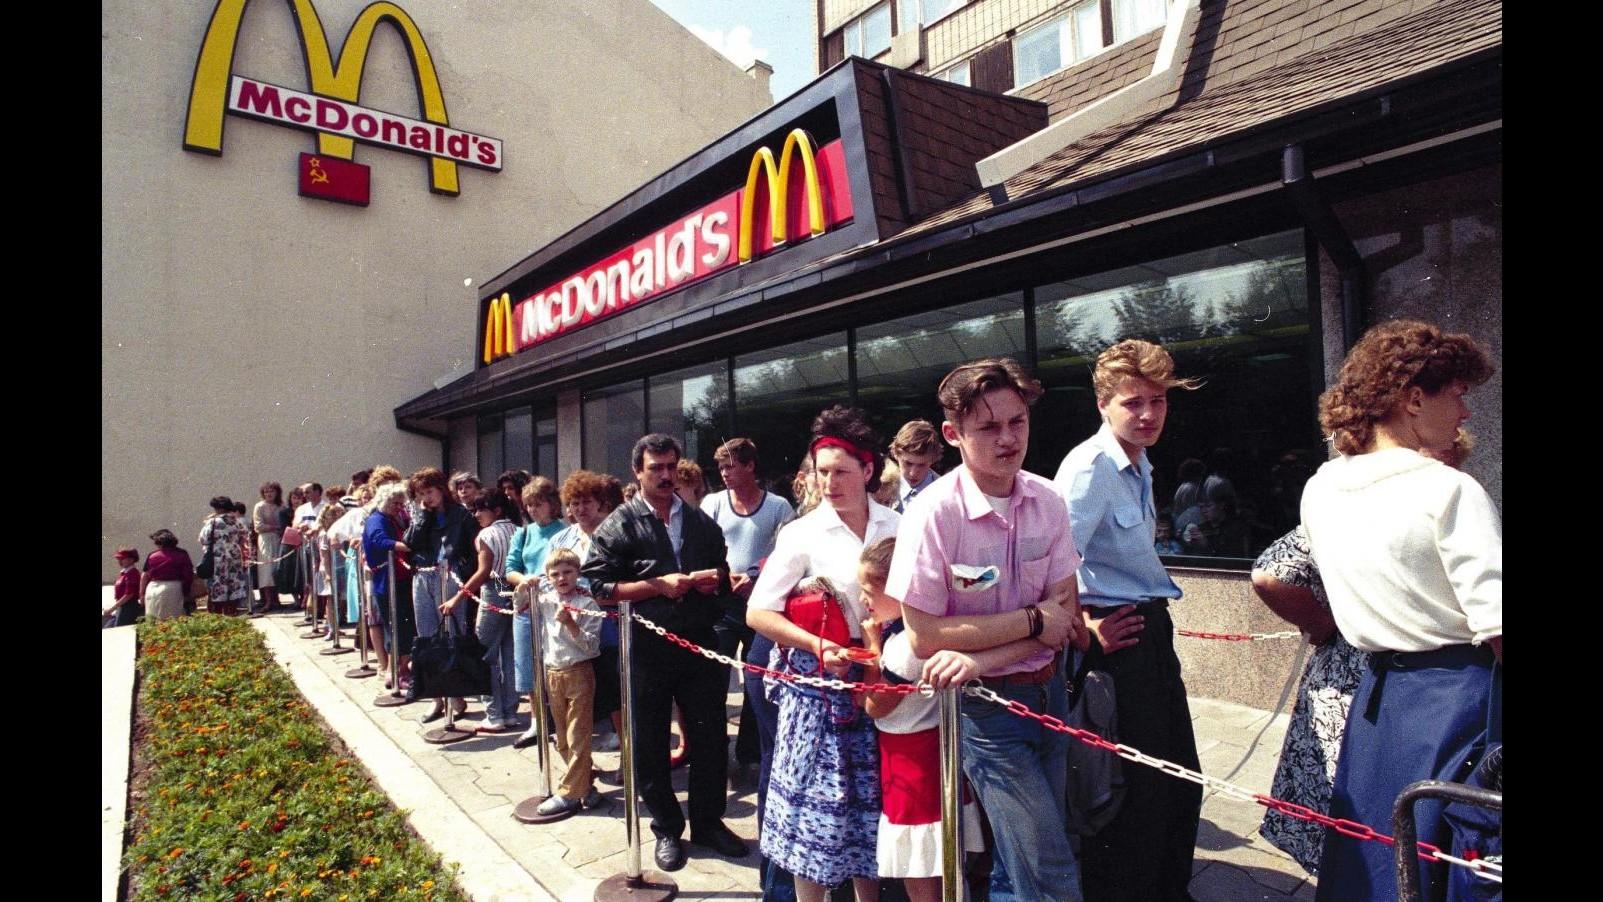 Lavoro, McDonald's: Mille neoassunti nel 2014, cambiare regole subito